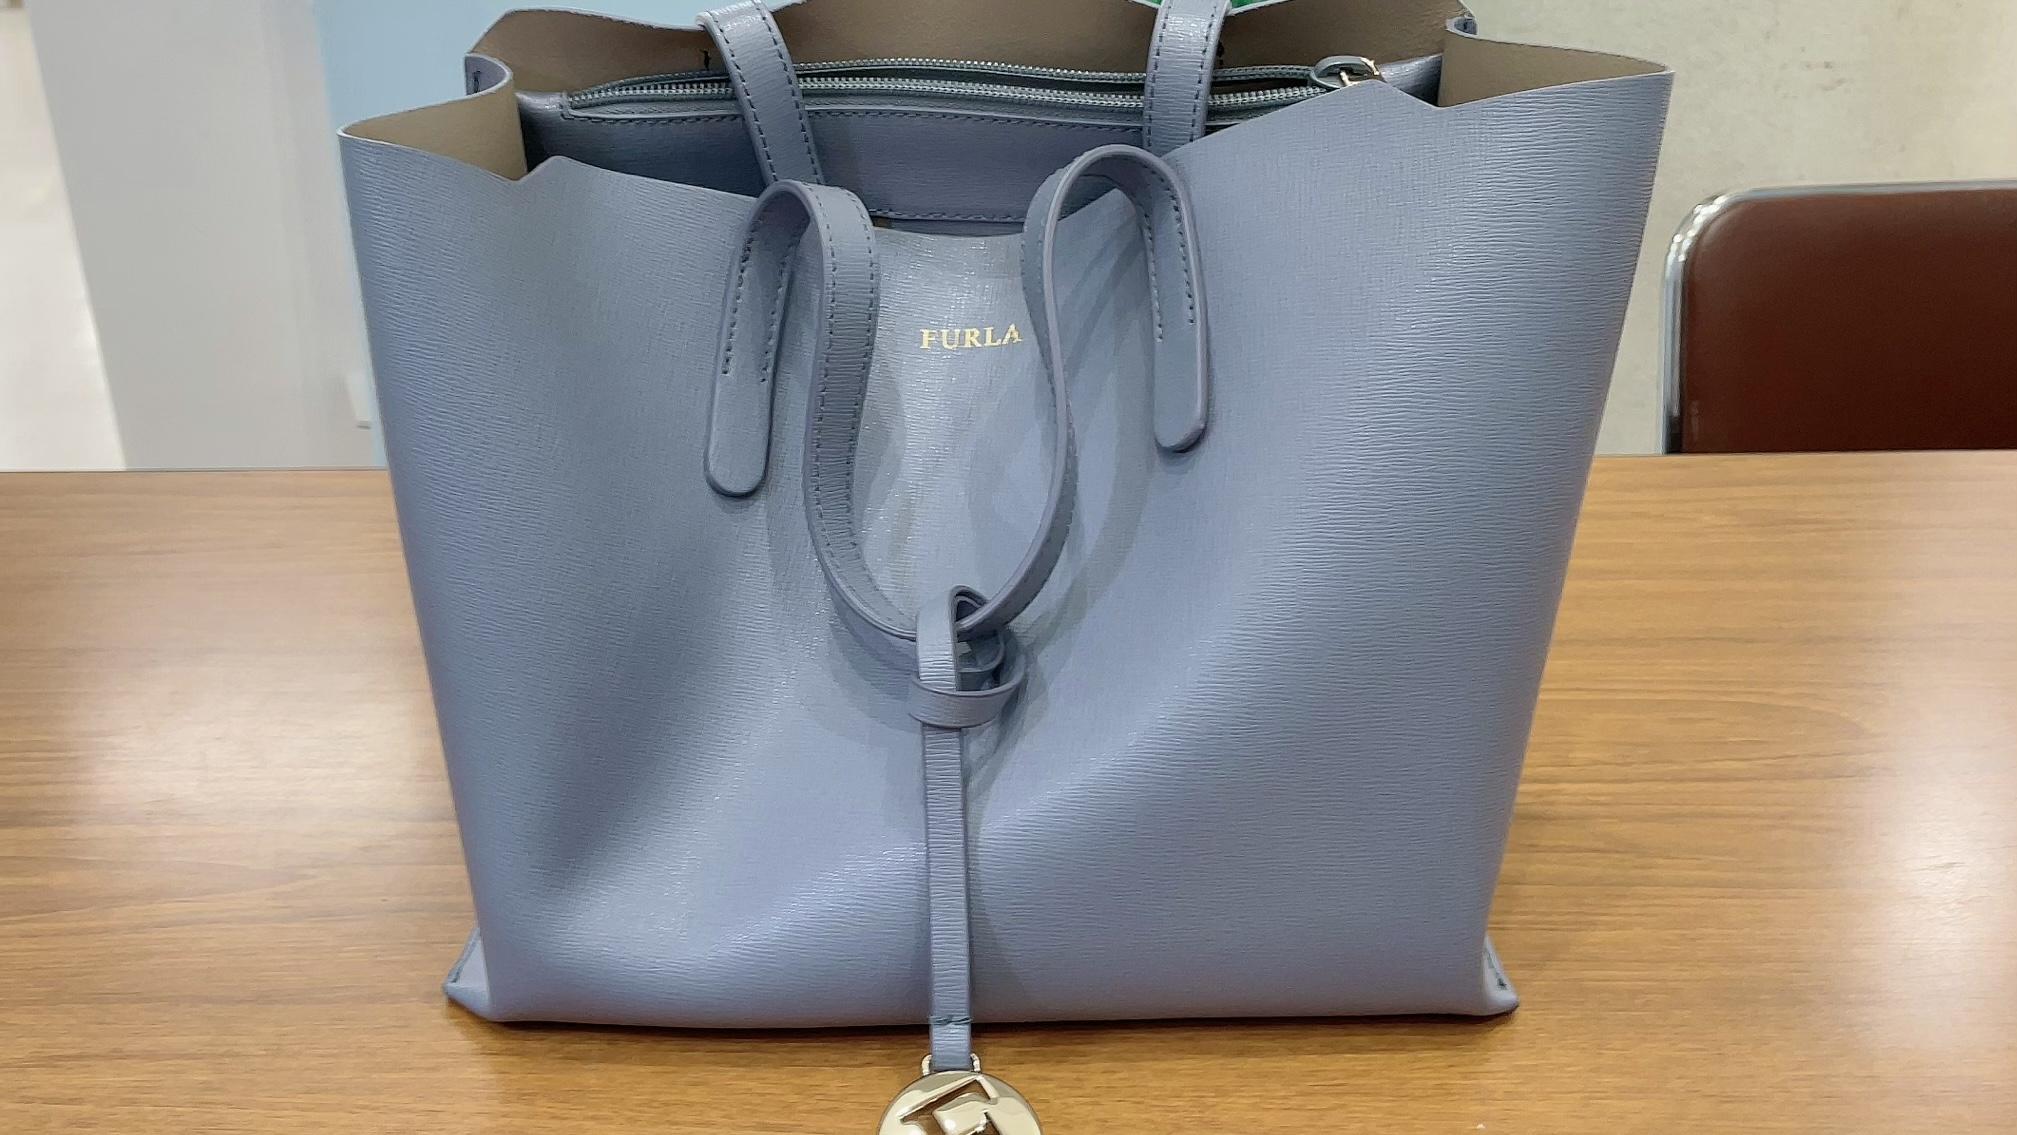 【買取速報】ブランドバッグ、FURLA-2021-05-15